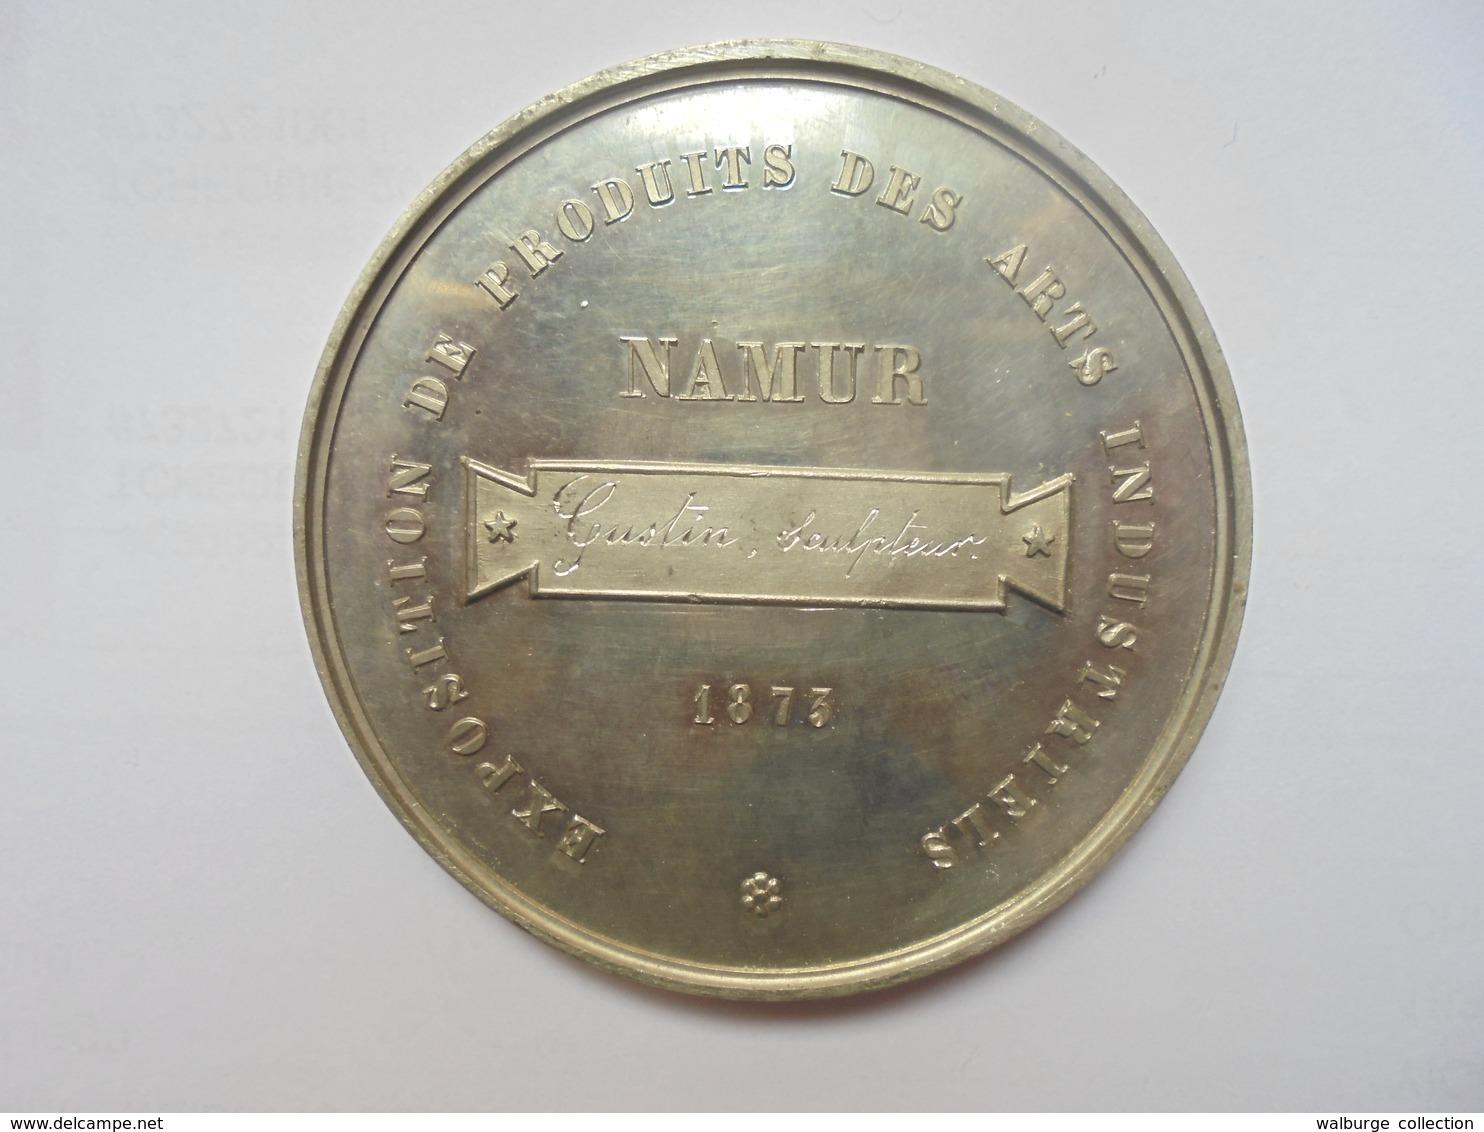 NAMUR-CERCLE ARTISTIQUE ET LITTERAIRE-1873 Par EM.TASSET F. 57 Grammes-60 Mm - Professionals / Firms